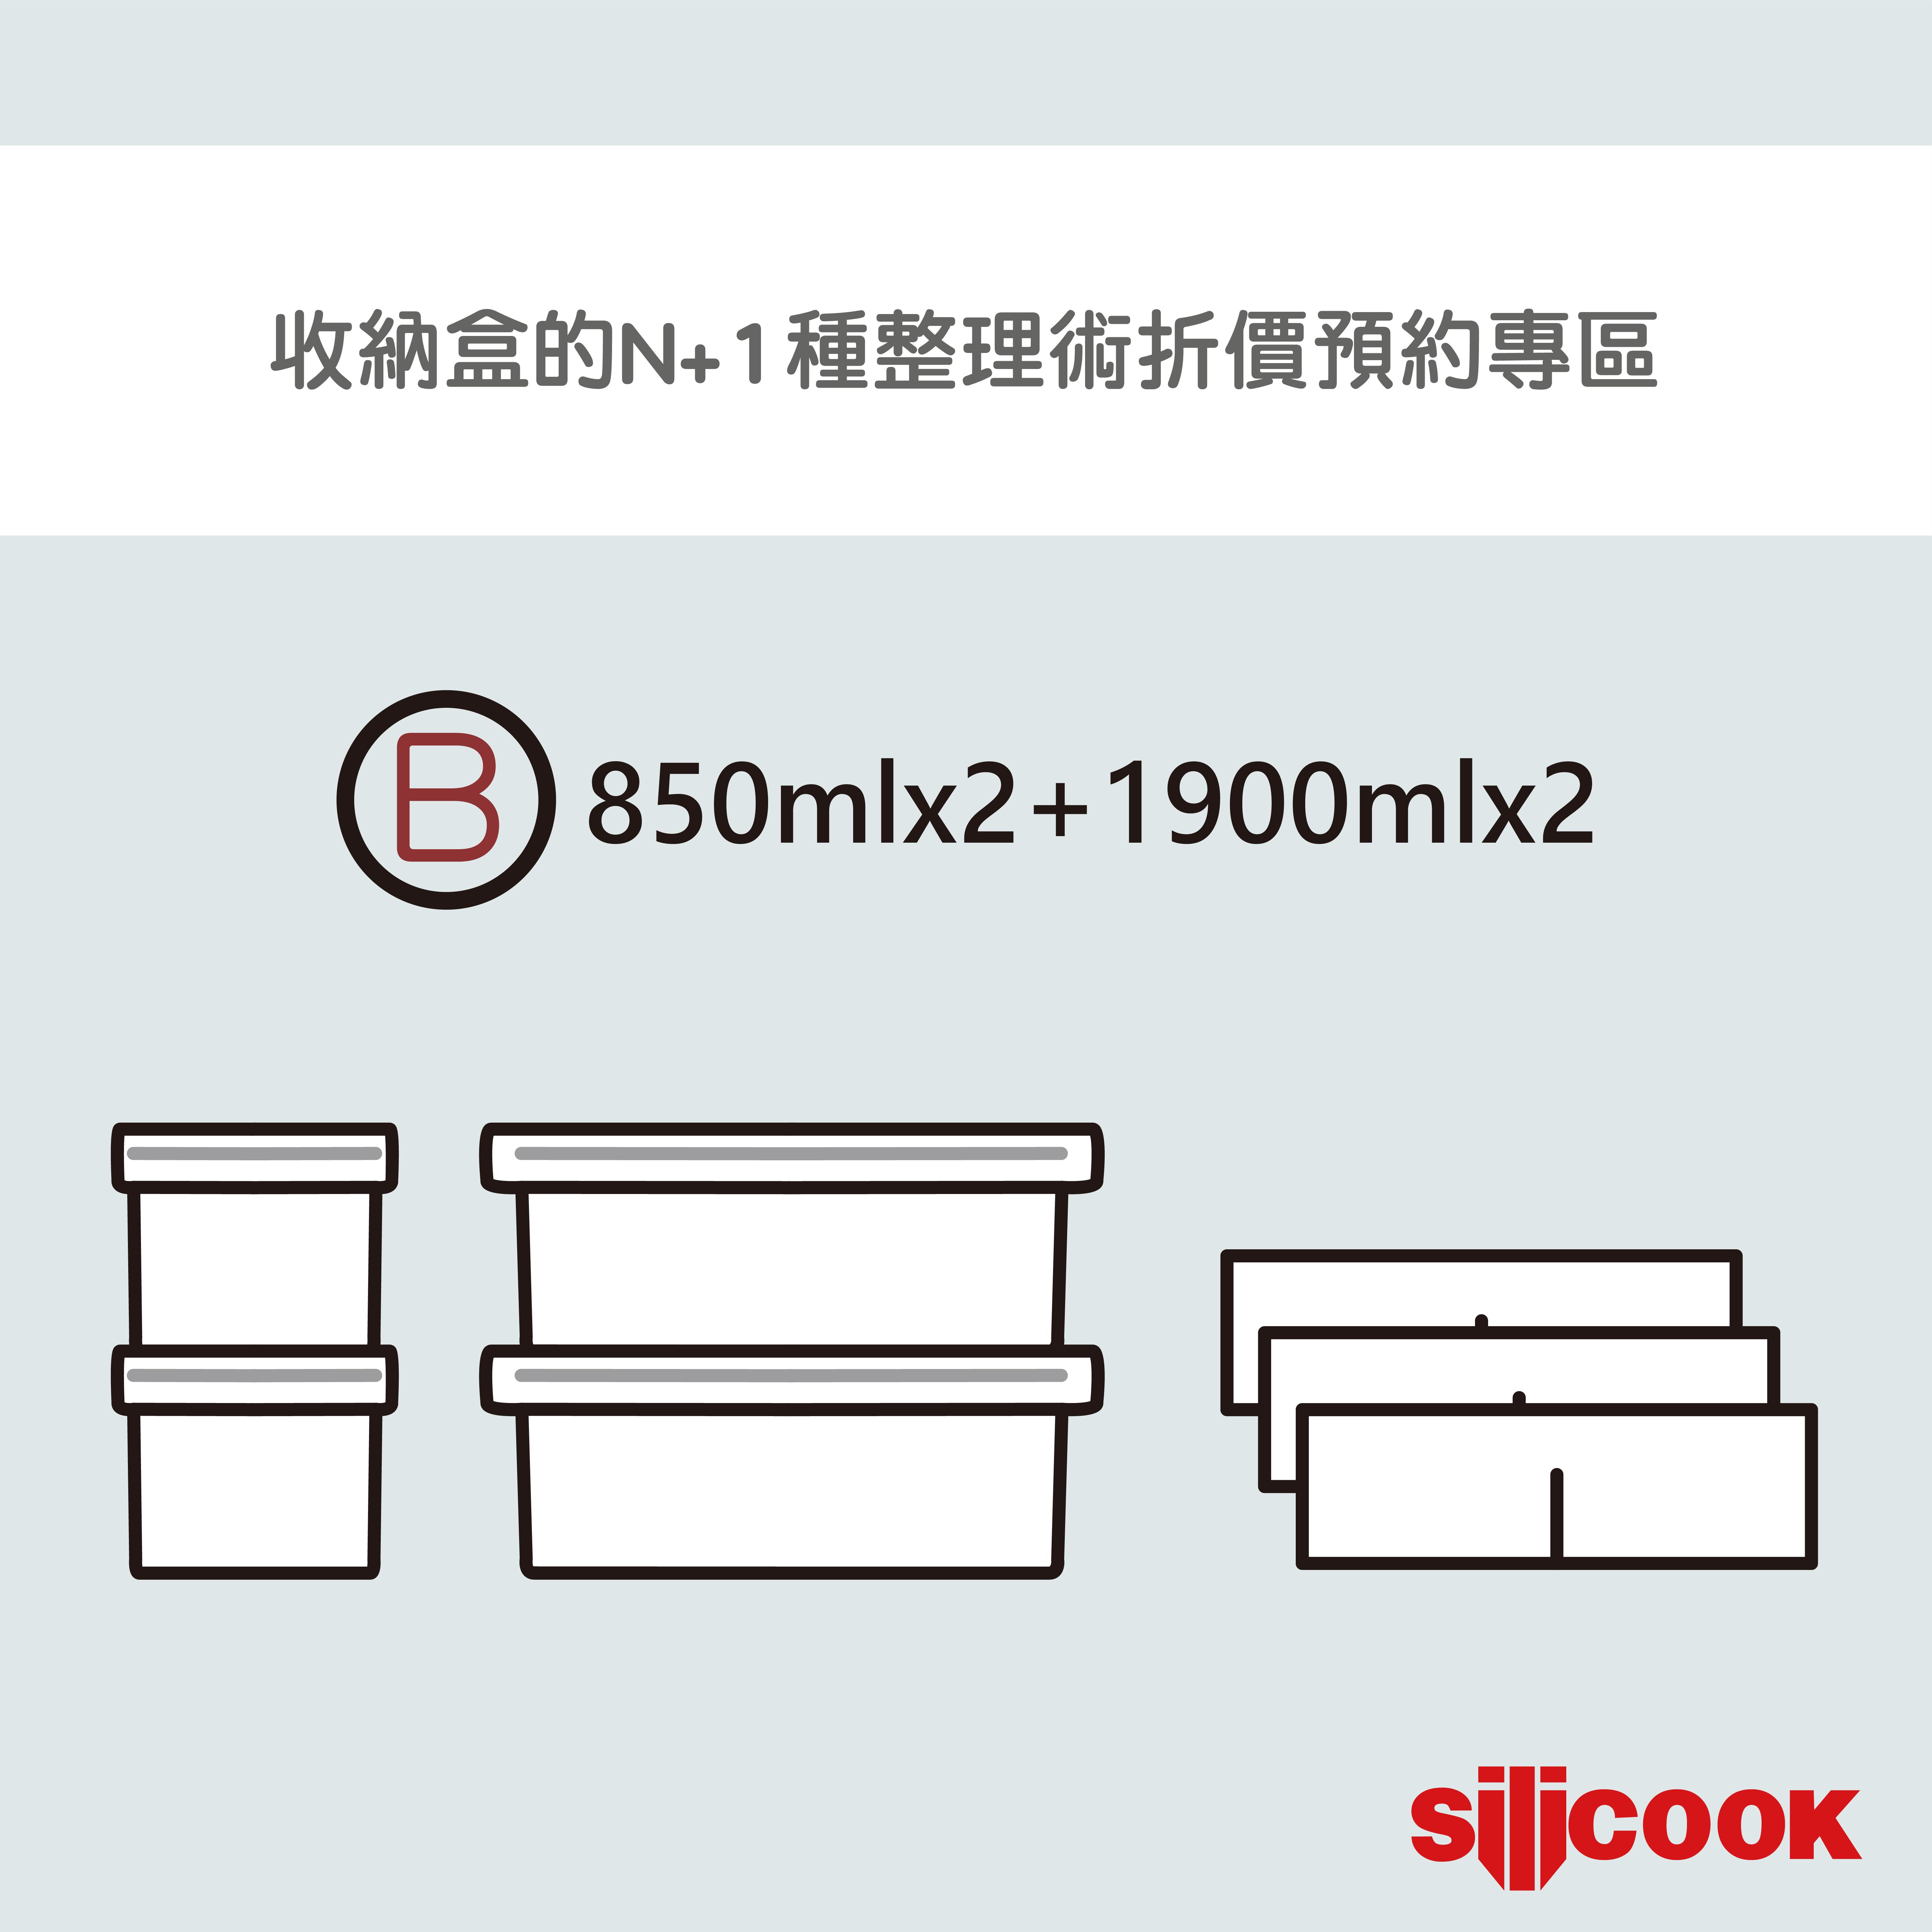 組合B保鮮盒Silicook x 收納盒的N+1種整理術